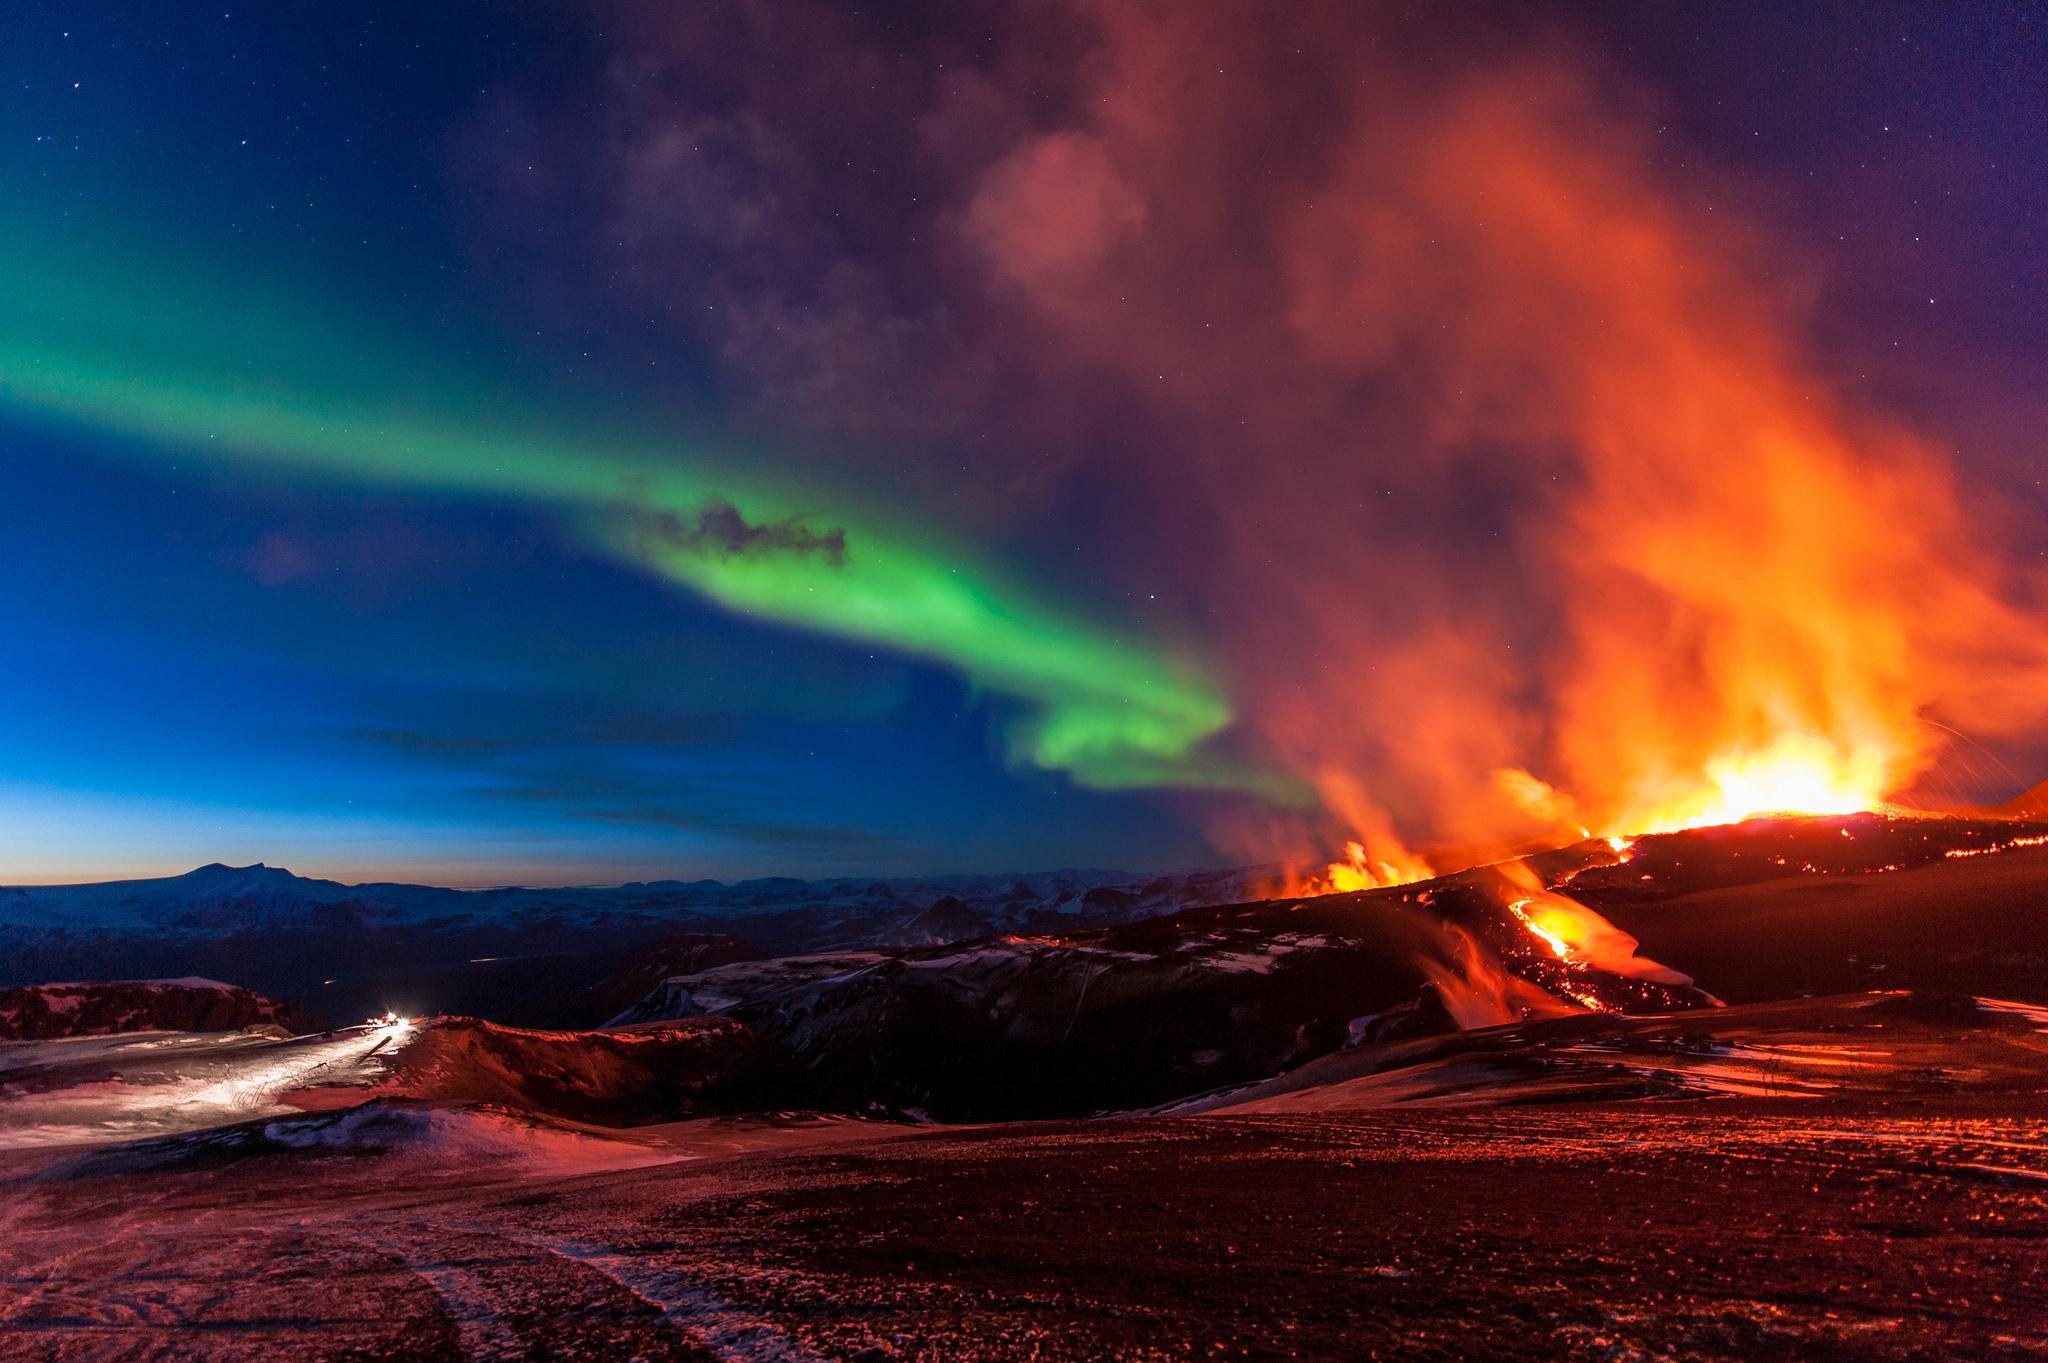 Volcano Wallpapers Hd: Volcano Wallpaper Beautiful - HD Desktop Wallpapers